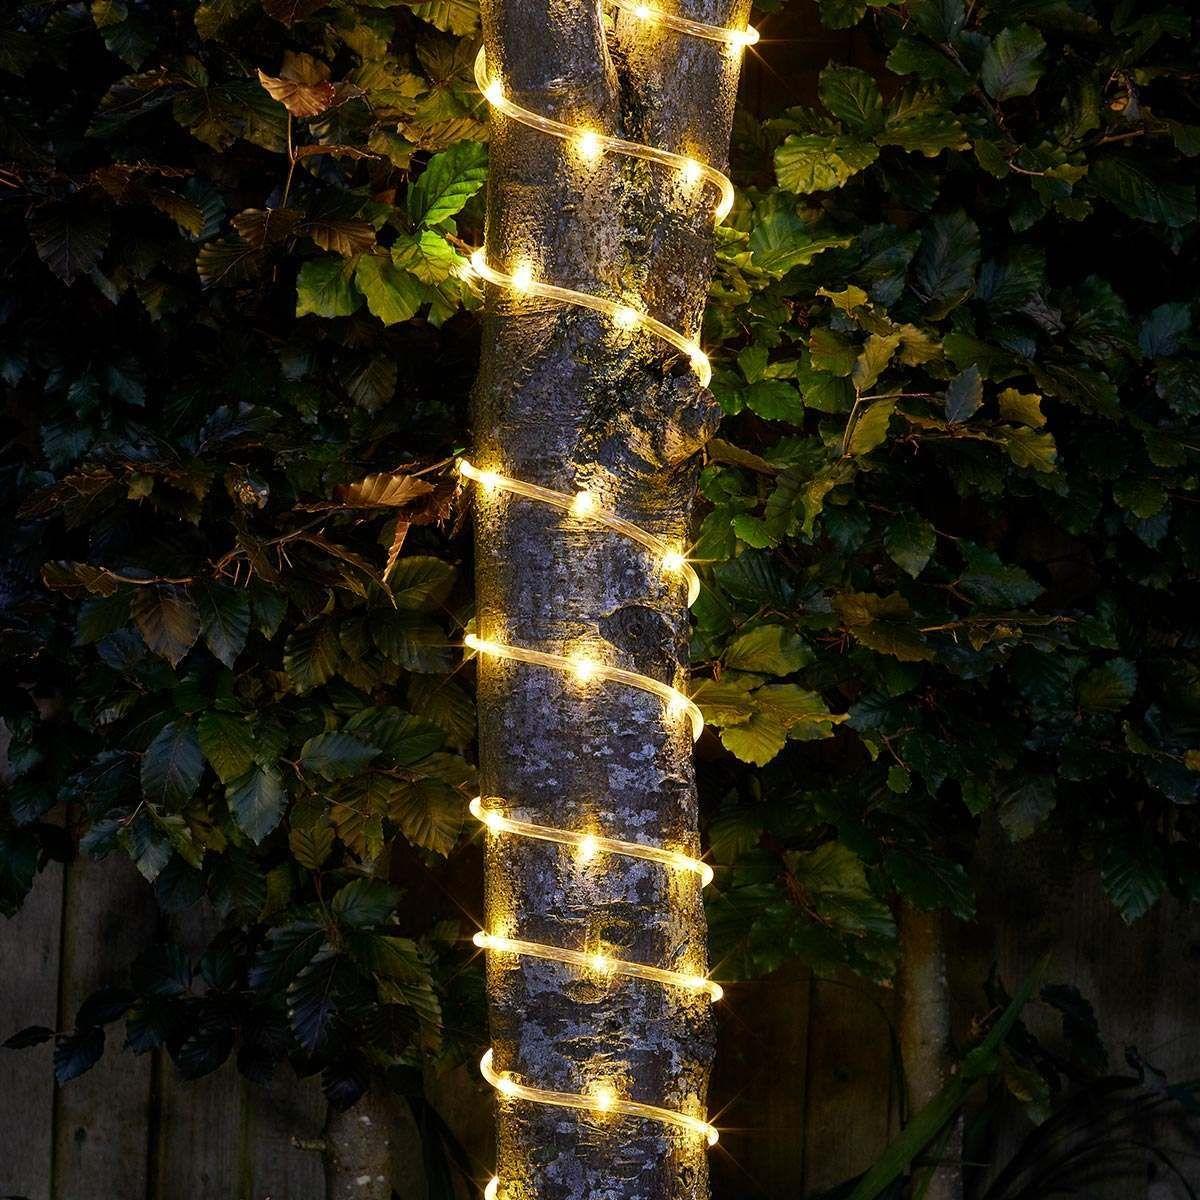 Solar Rope Light Warm White 100 Leds Led Rope Lights Solar Rope Light Led Rope